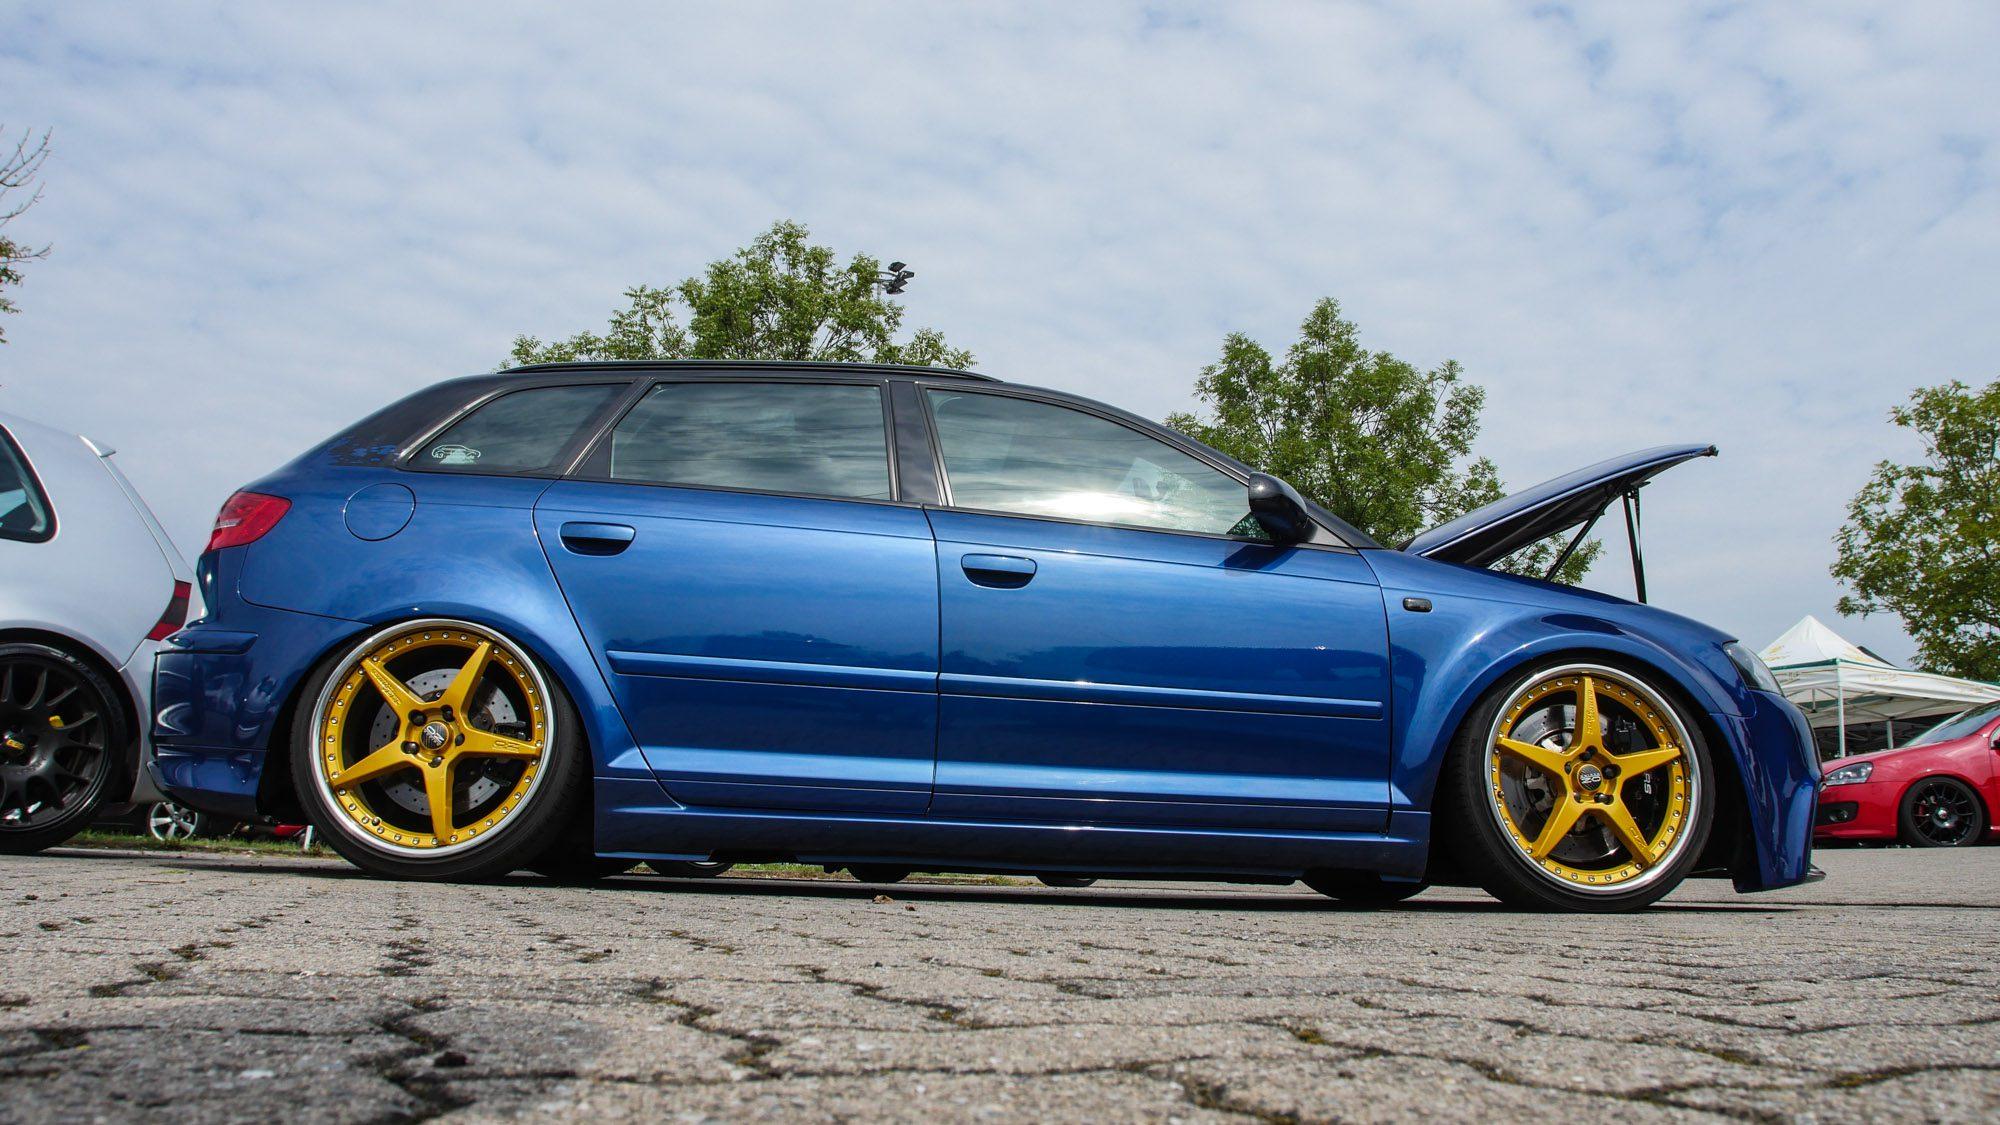 Blick auf den Audi A3 3,2 quattro in voller Länge!